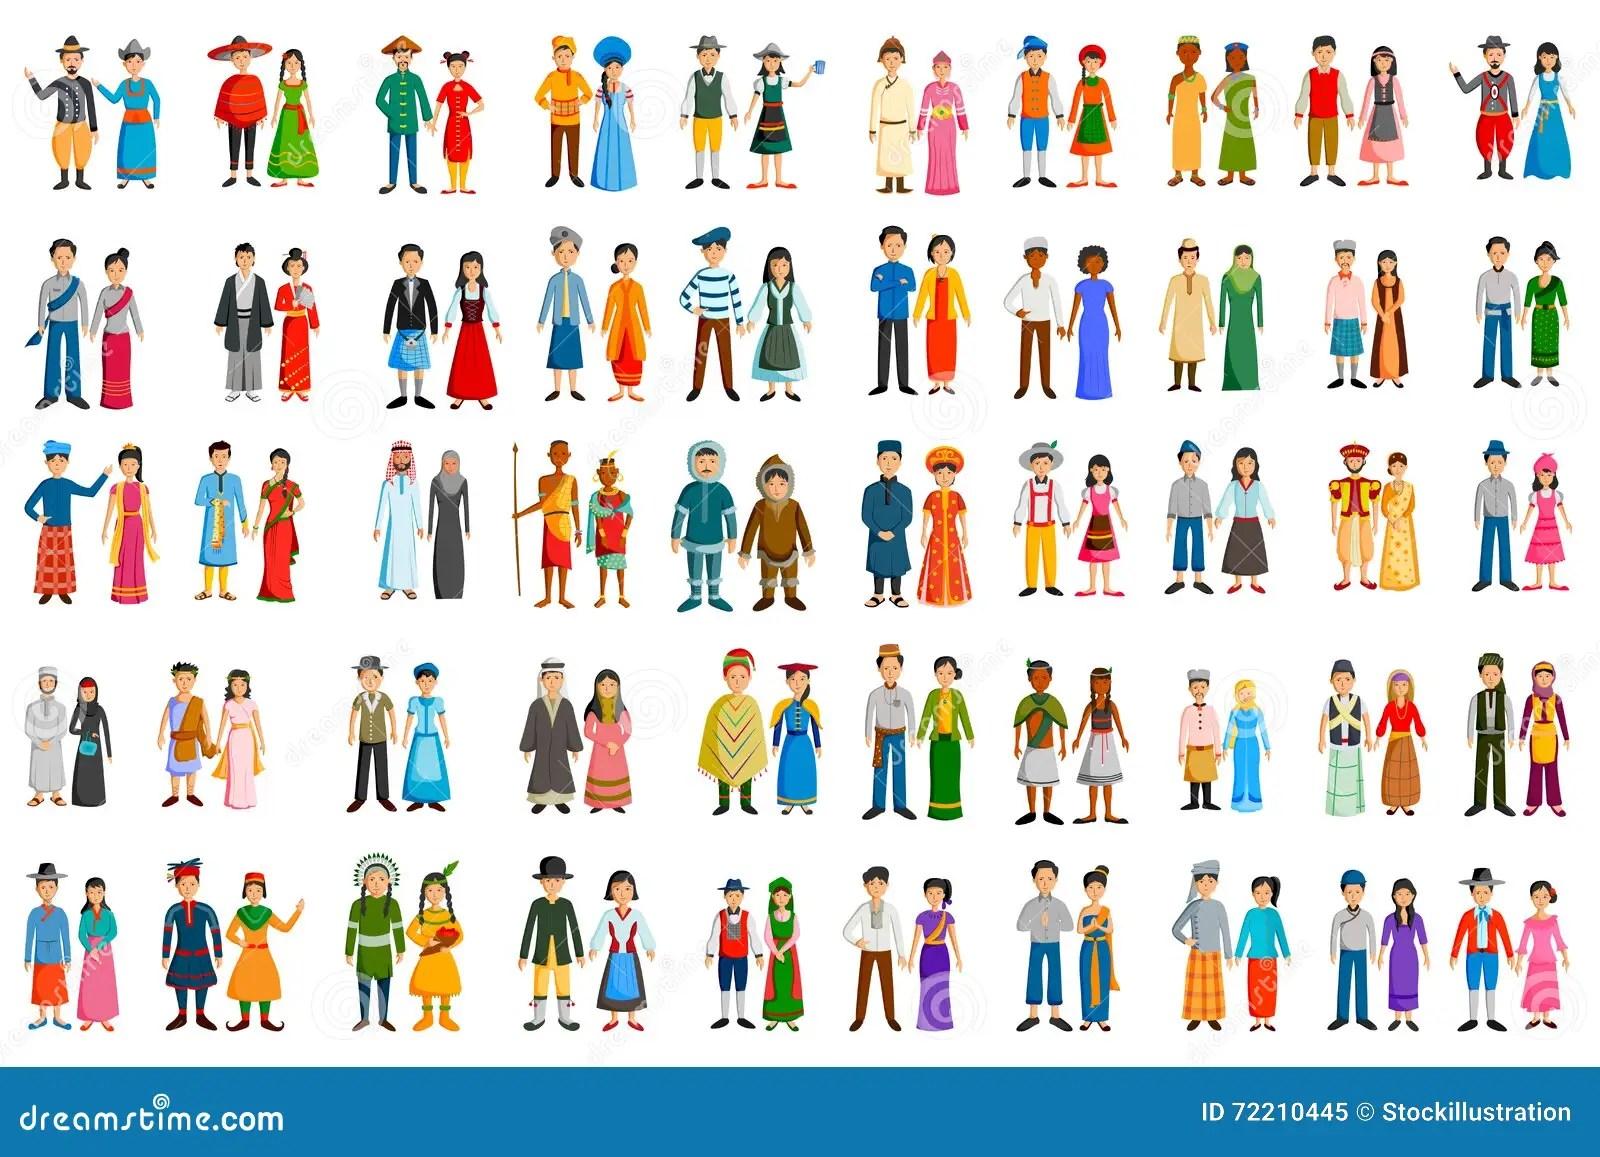 Les Gens De Differents Pays Dans Le Costume Traditionnel